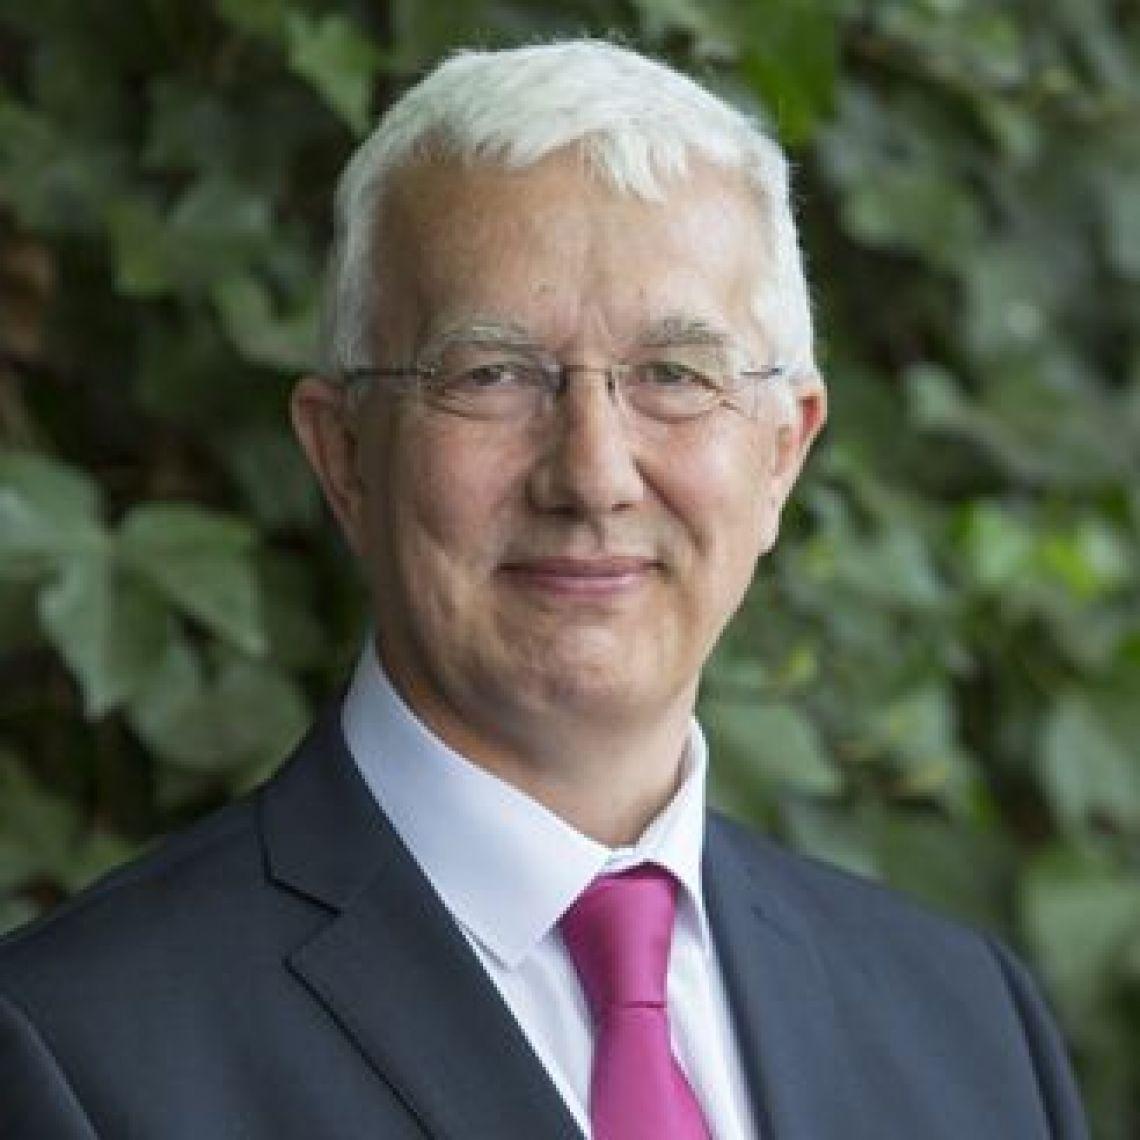 Robert Mackenzie